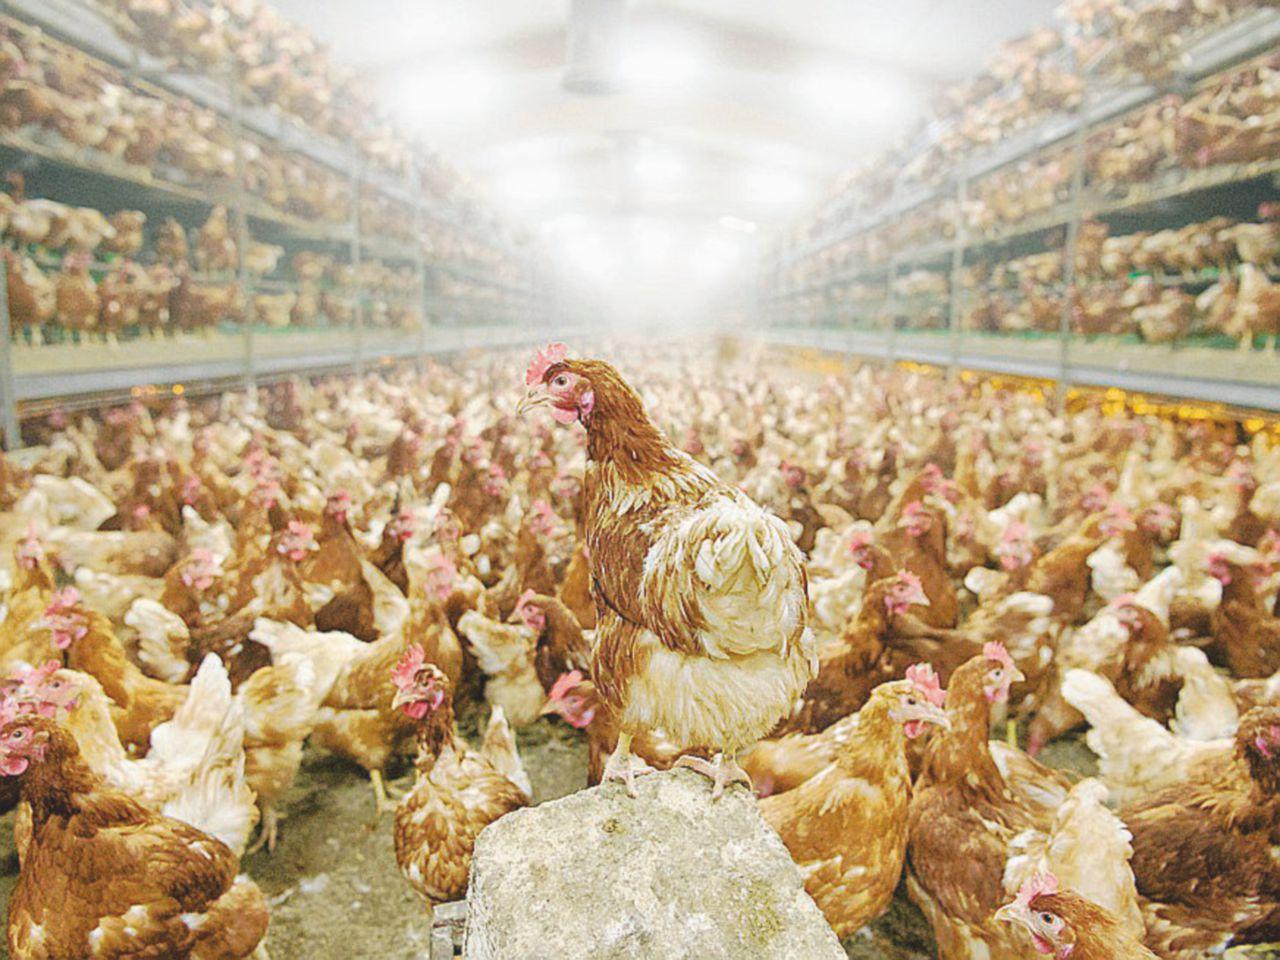 In Italia c'è l'aviaria: milioni di capi abbattuti tra Lombardia e Veneto